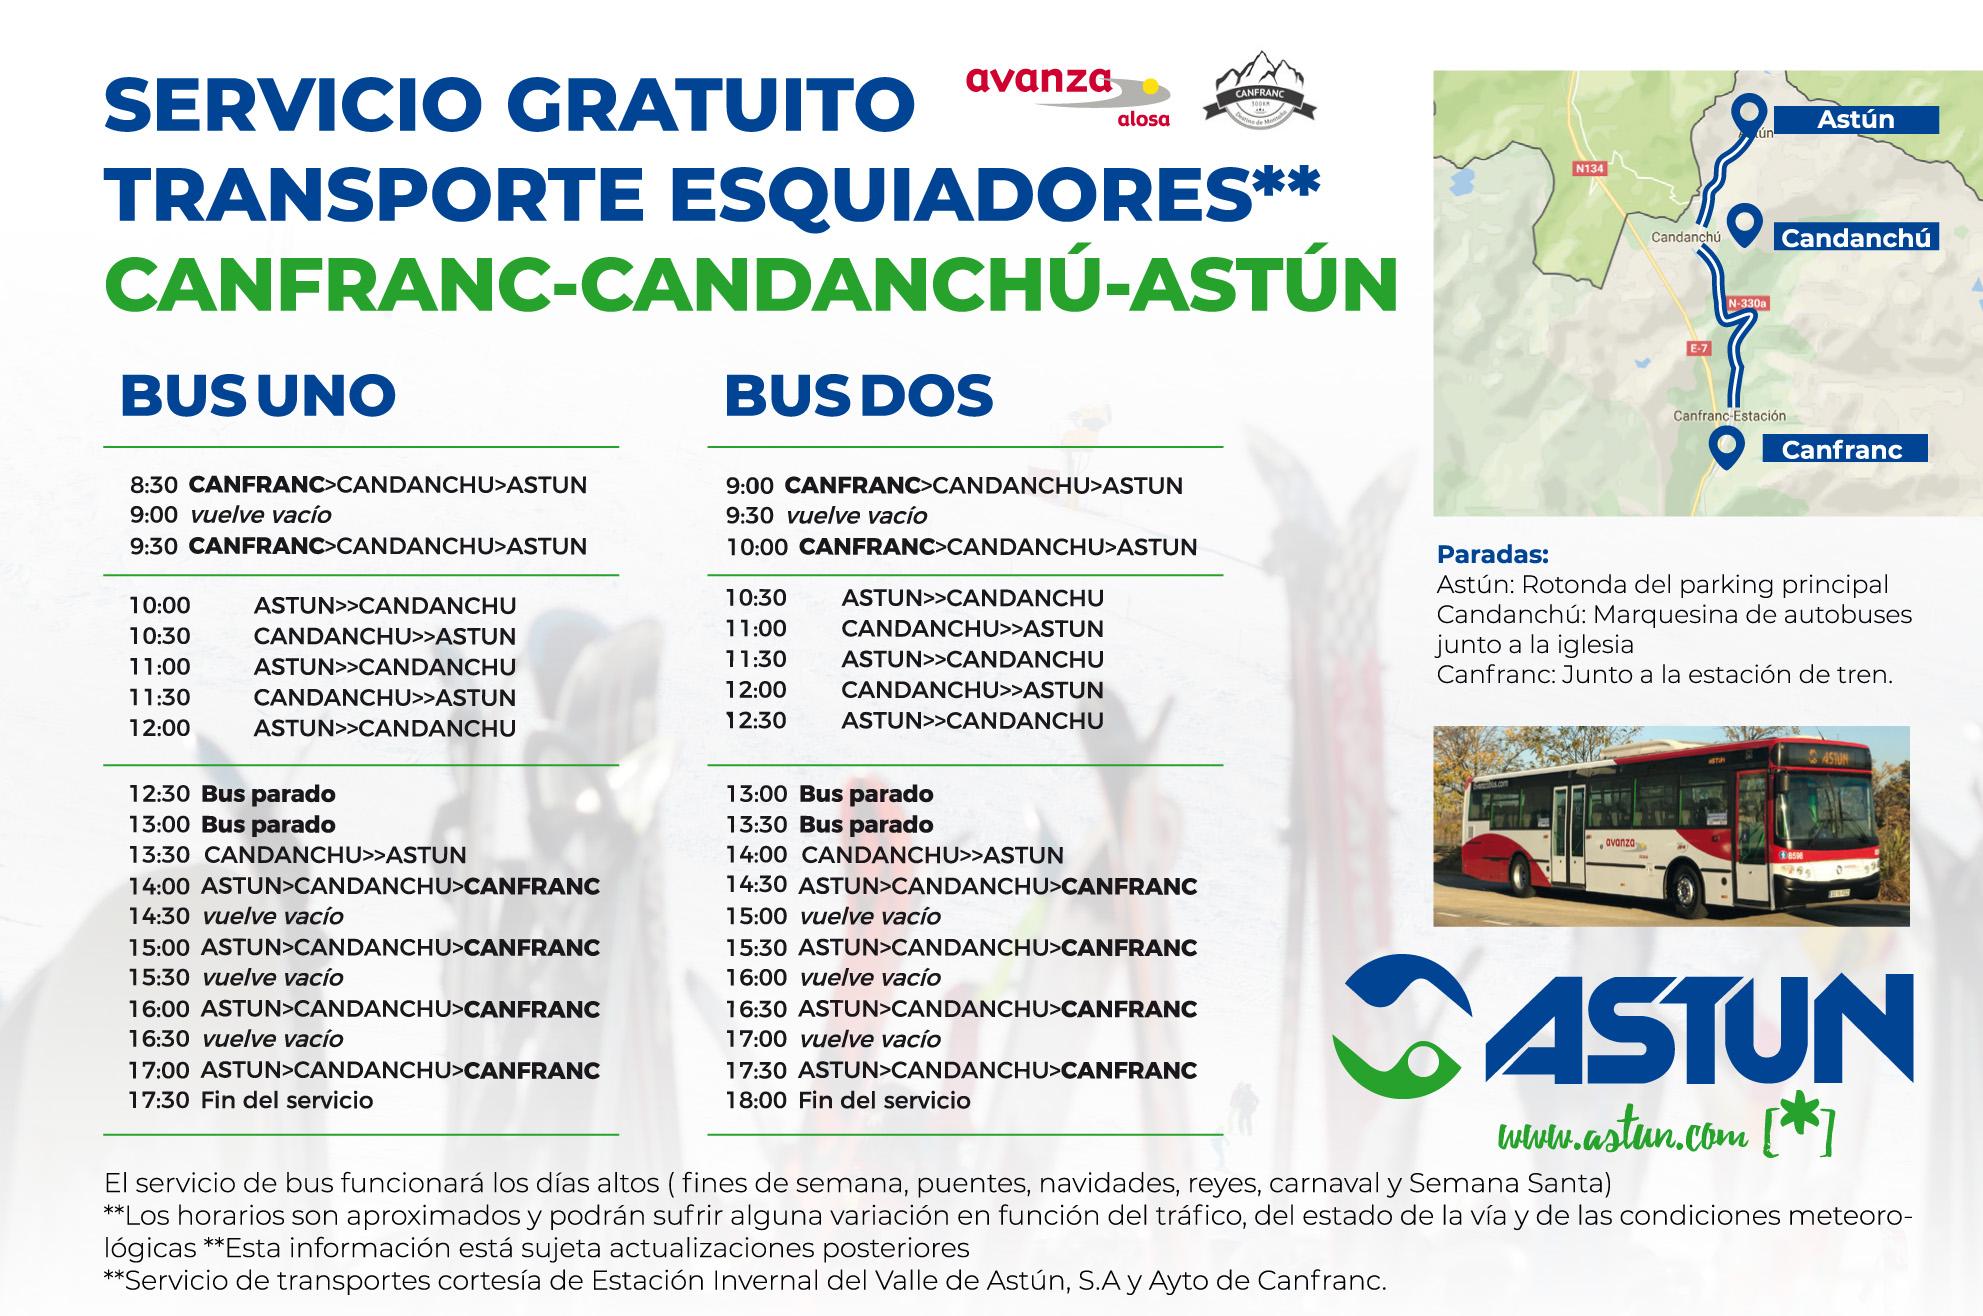 Servicio de autobuses gratuitos Canfranc-Candanchú-Astún durante fines de semana y periodos vacacionales; se adjunta cartel informativo.